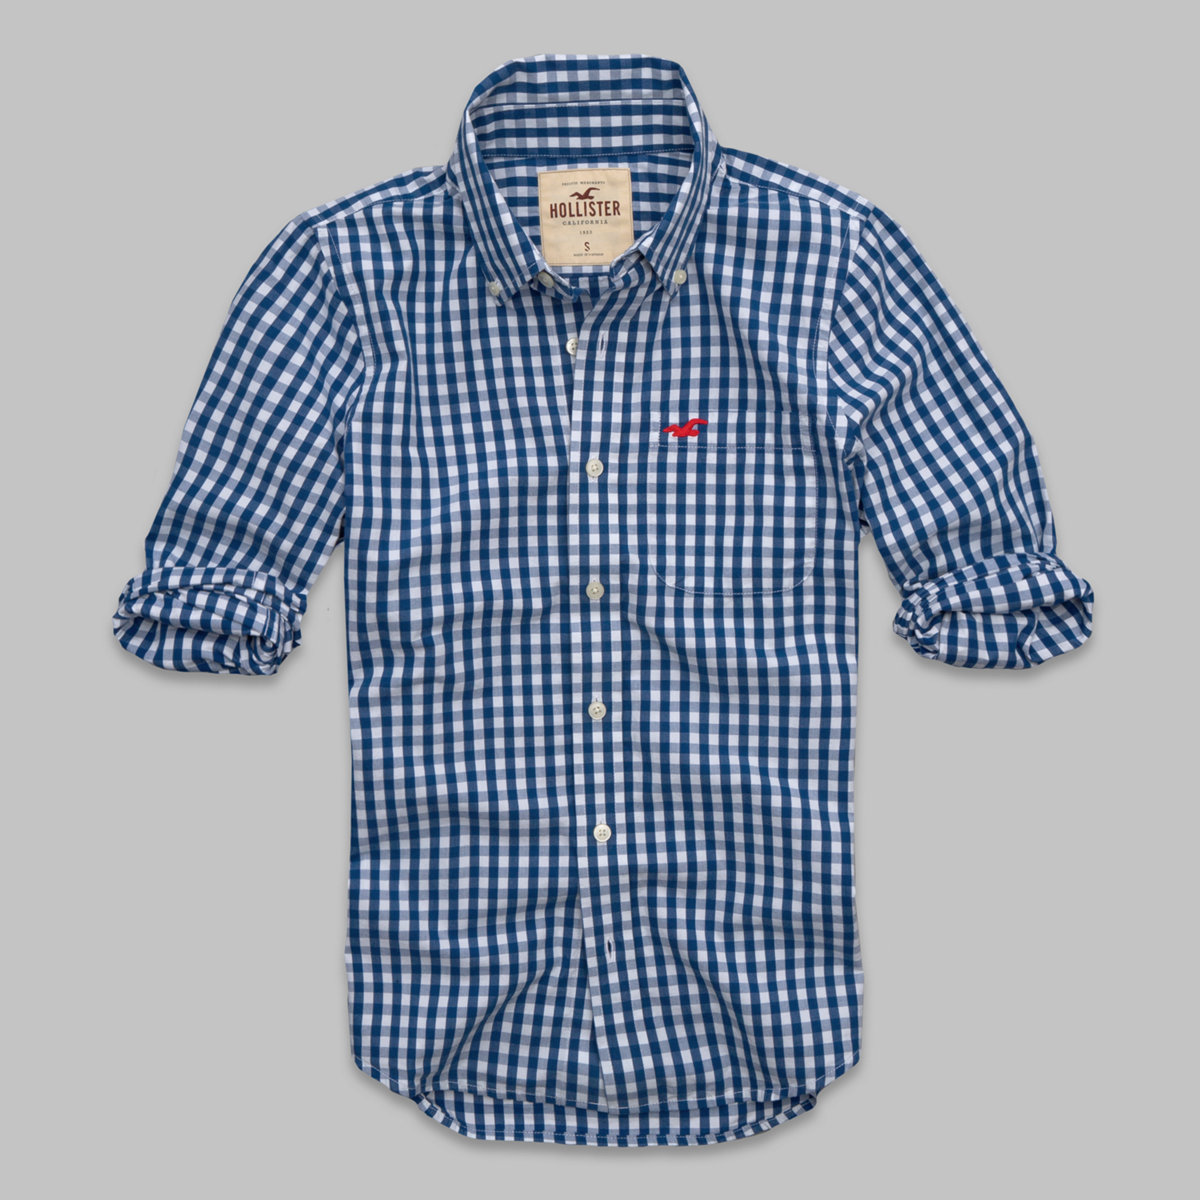 Blacks Beach Shirt